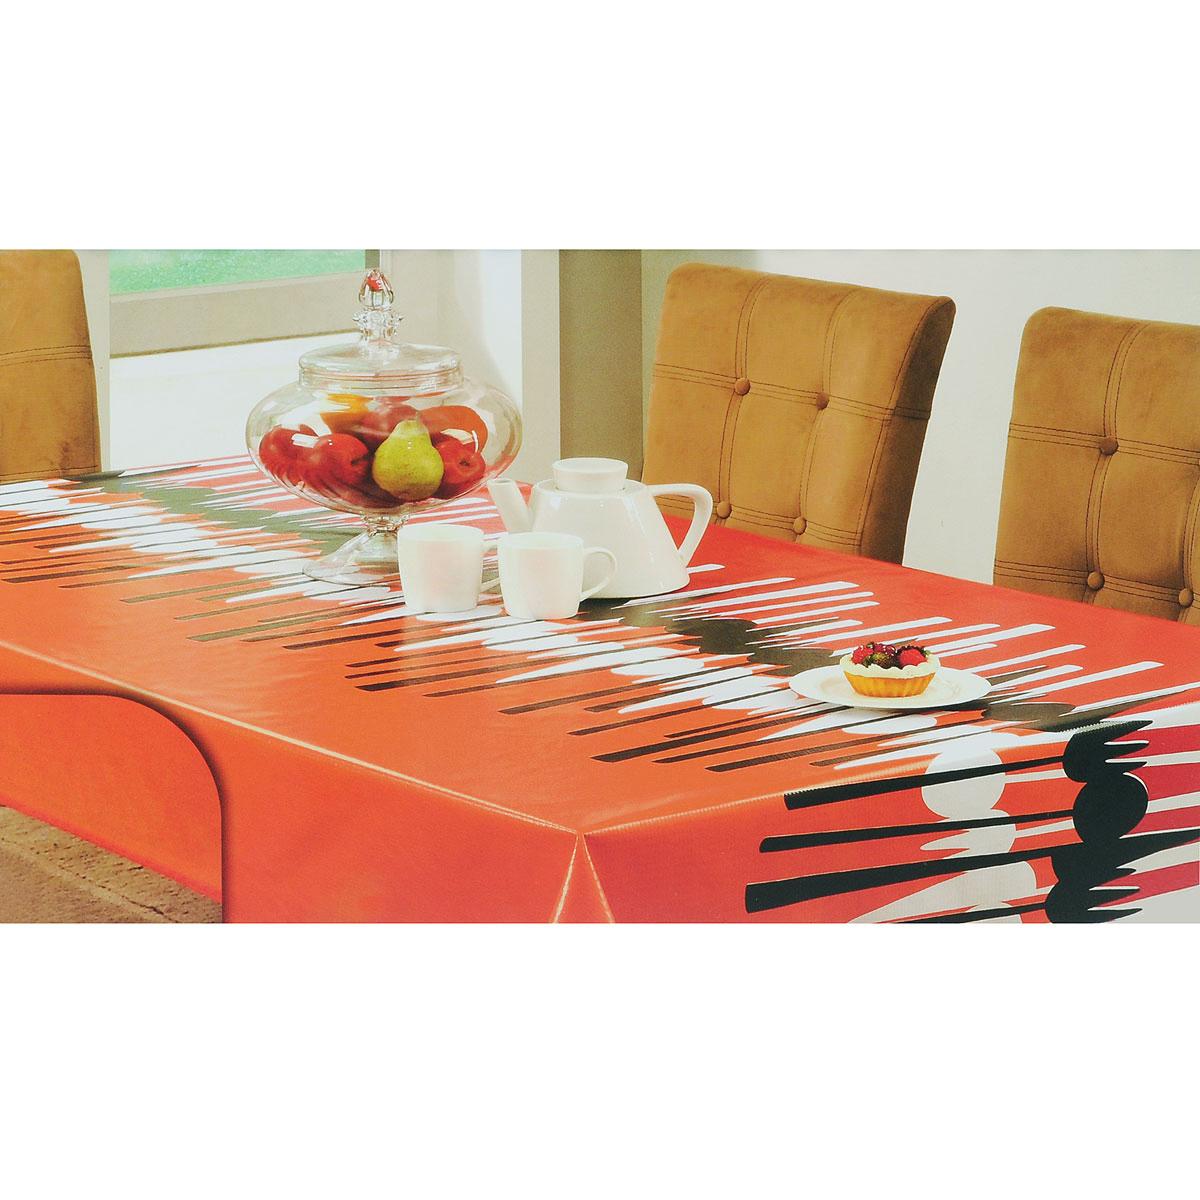 Скатерть White Fox Осень, круглая, цвет: красный, оранжевый, диаметр 152 смWКTC72-258Круглая скатерть White Fox Осень, выполненная из ПВХ с основой из флиса, предназначена для защиты стола от царапин, пятен и крошек. Край скатерти обработан тканью. Скатерть оформлена изображением столовых приборов, а рифлёная поверхность скатерти формирует приятные тактильные ощущения, при этом частички пищи удаляются с легкостью и поверхность остается всегда чистой. Скатерть термостойкая выдерживает температуру до +70 °C.Скатерть White Fox проста в уходе - её можно протирать любыми моющими средствами при необходимости.Скатерть упакована в виниловый пакет с внутренним цветным вкладышем и подвесом в виде крючка.